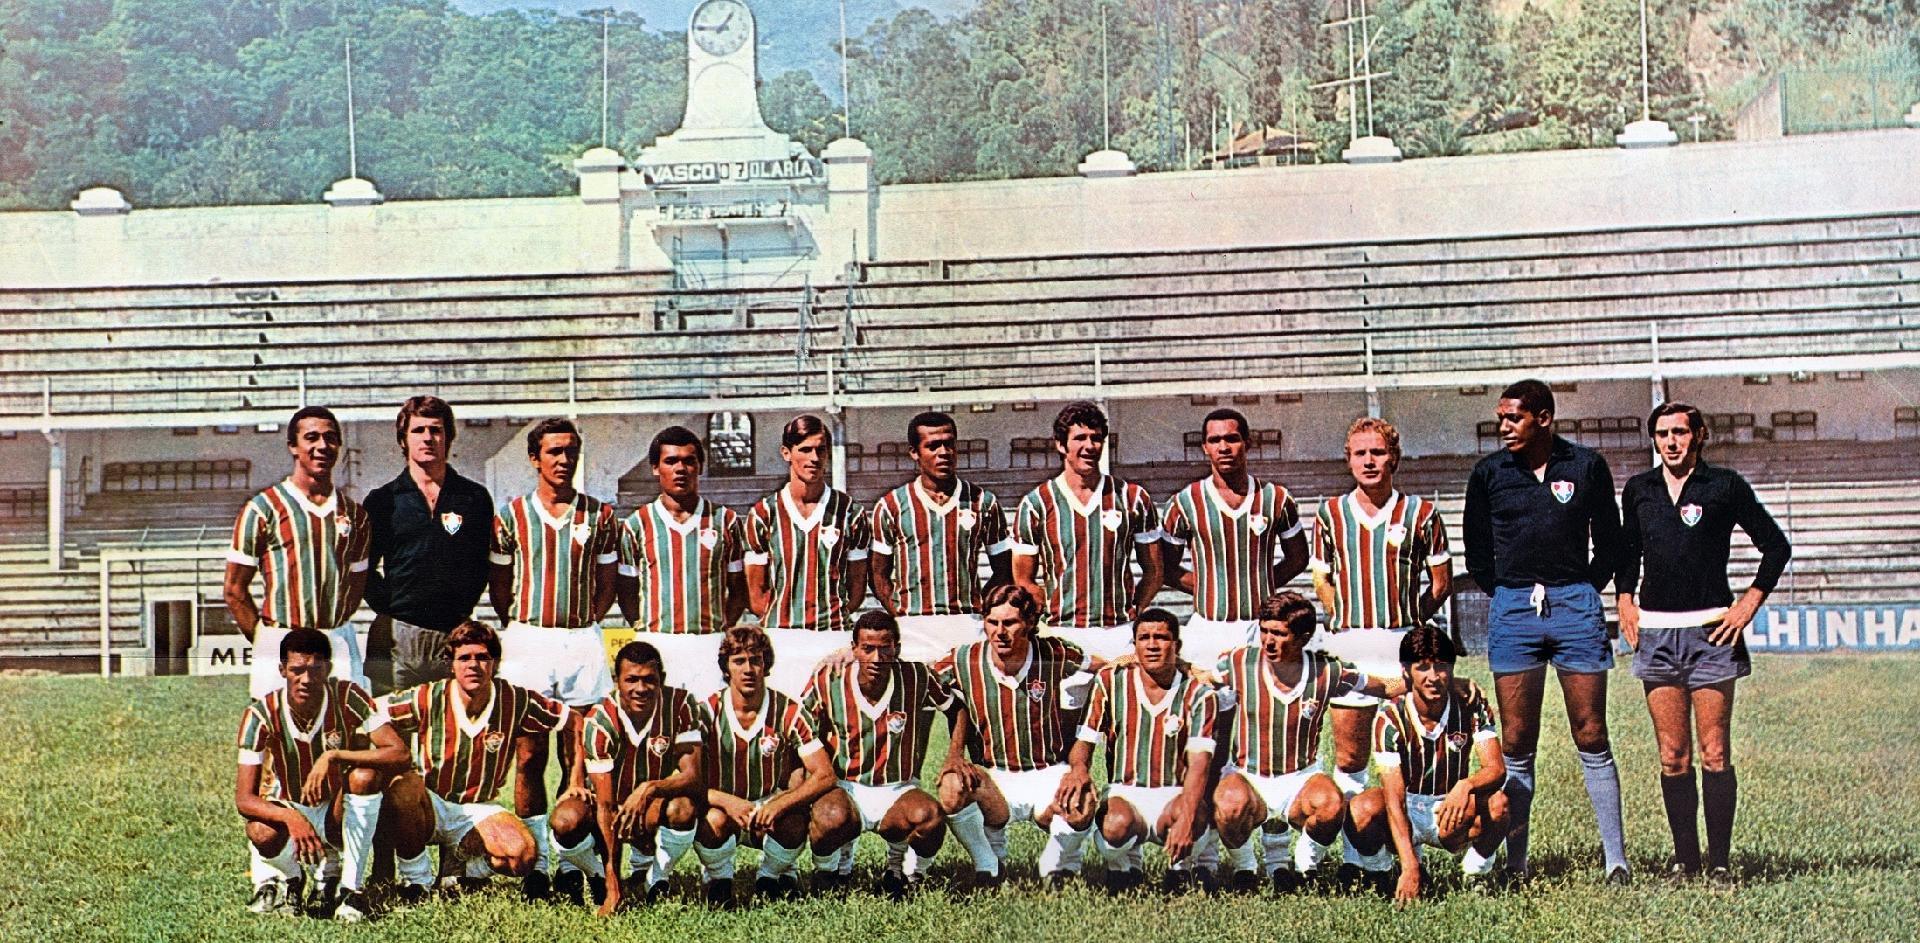 Elenco do Fluminense, campeão de 70